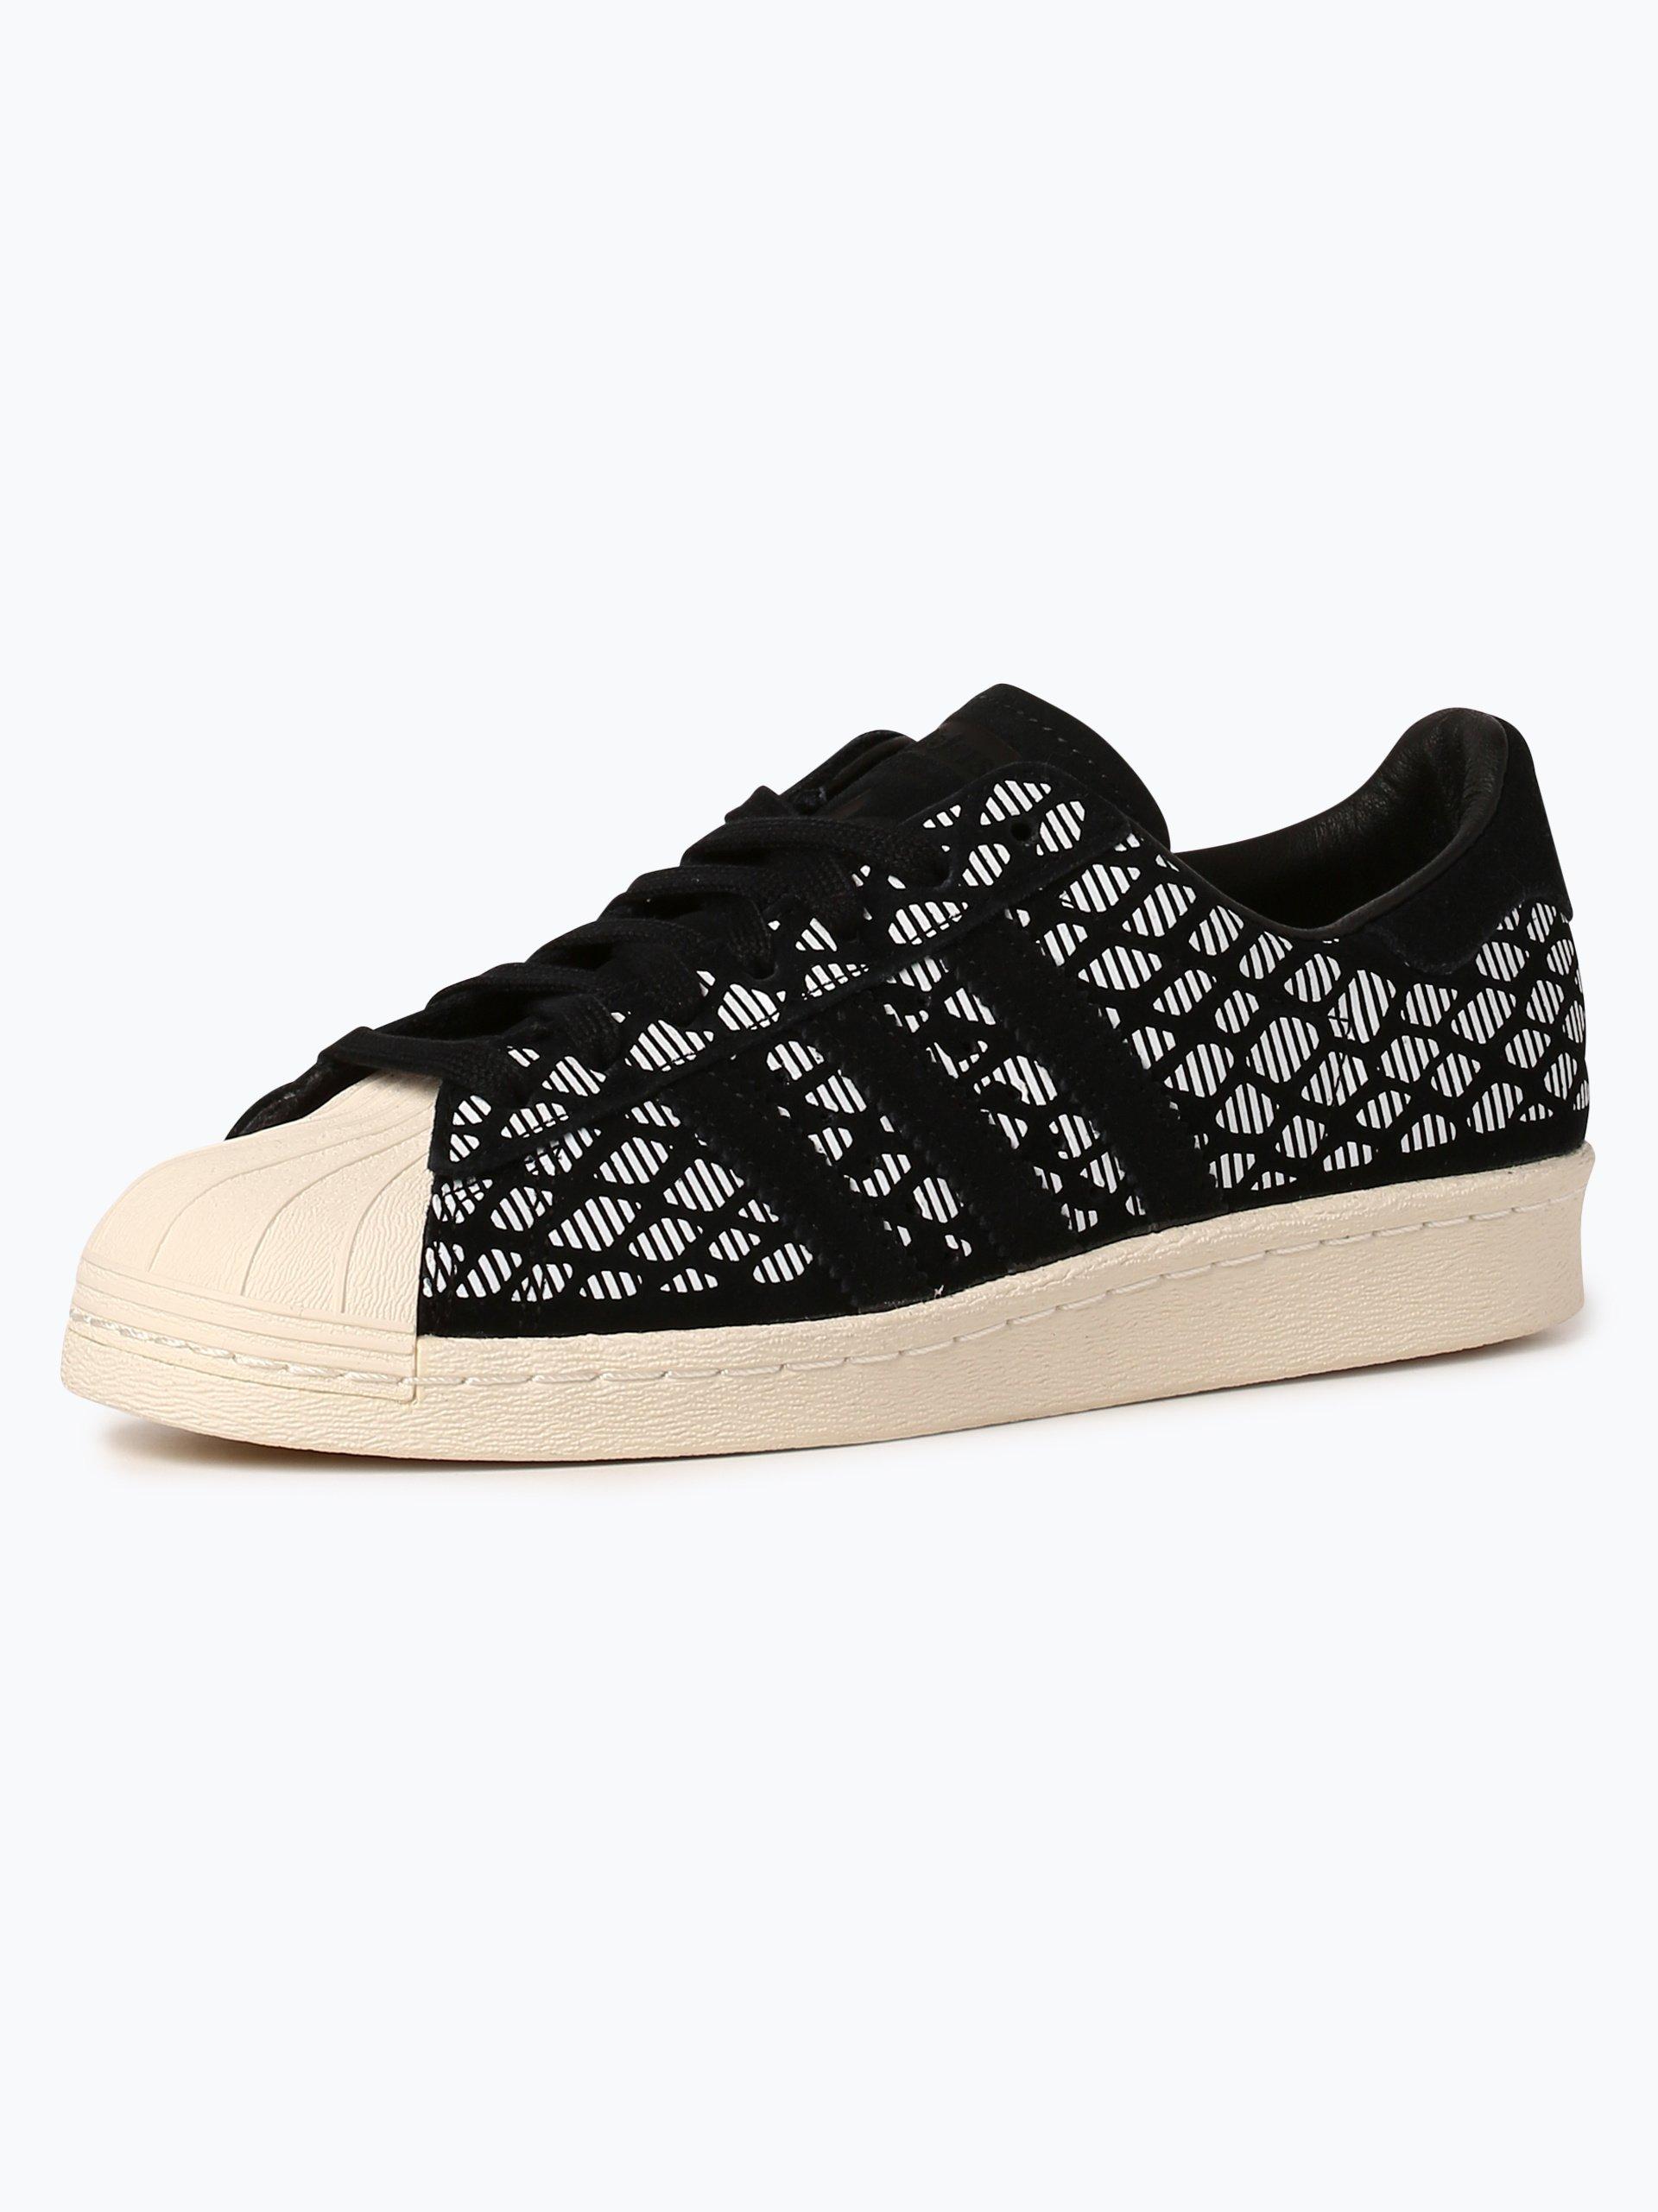 adidas Originals Damen Sneaker mit Leder-Anteil - Superstar 80s